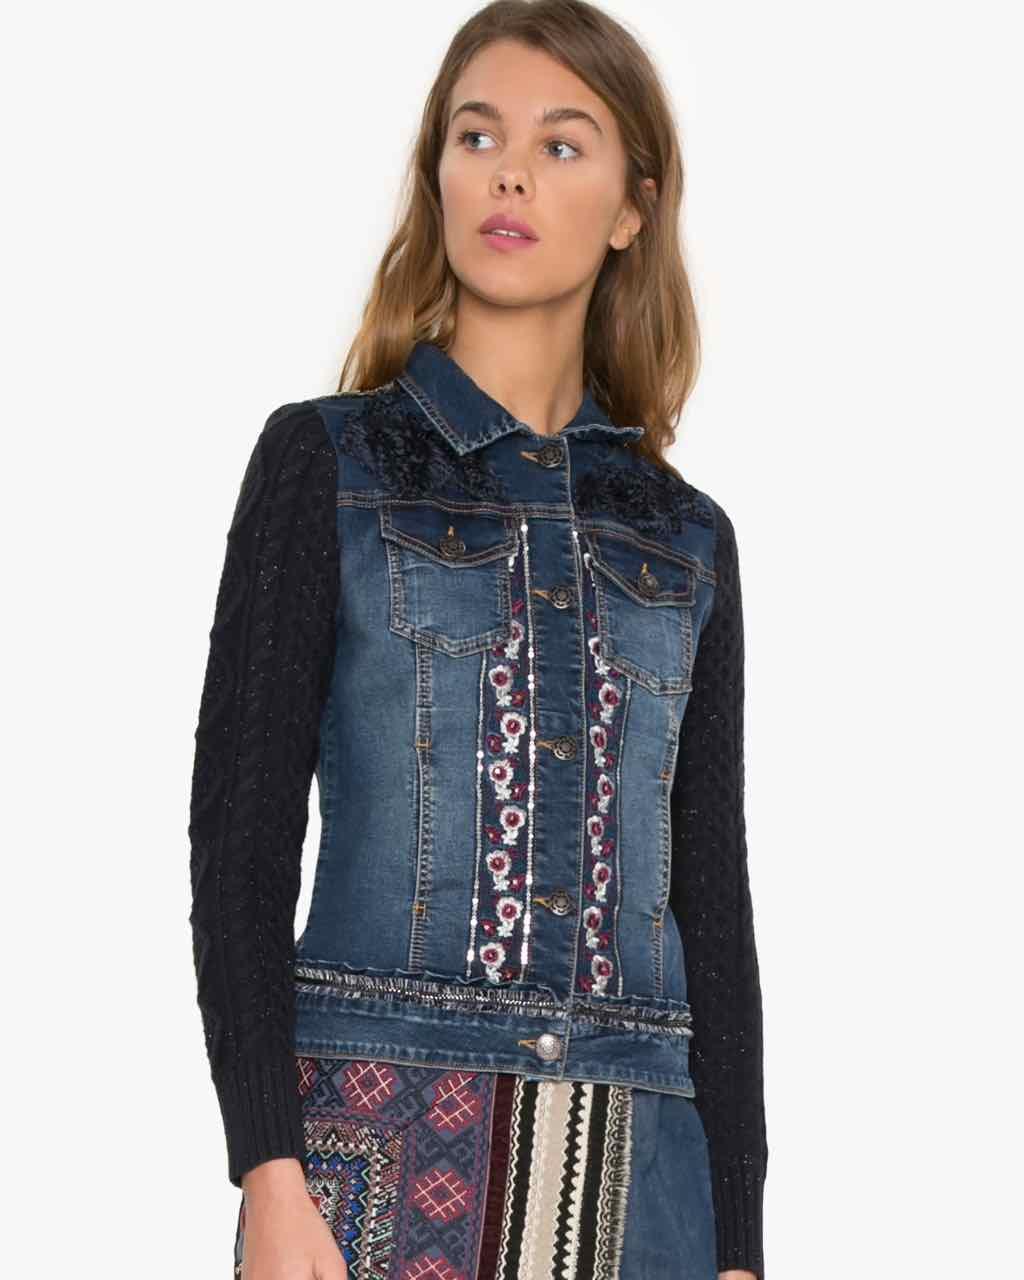 Desigual Exotic Ruffle Jacket, Buy online